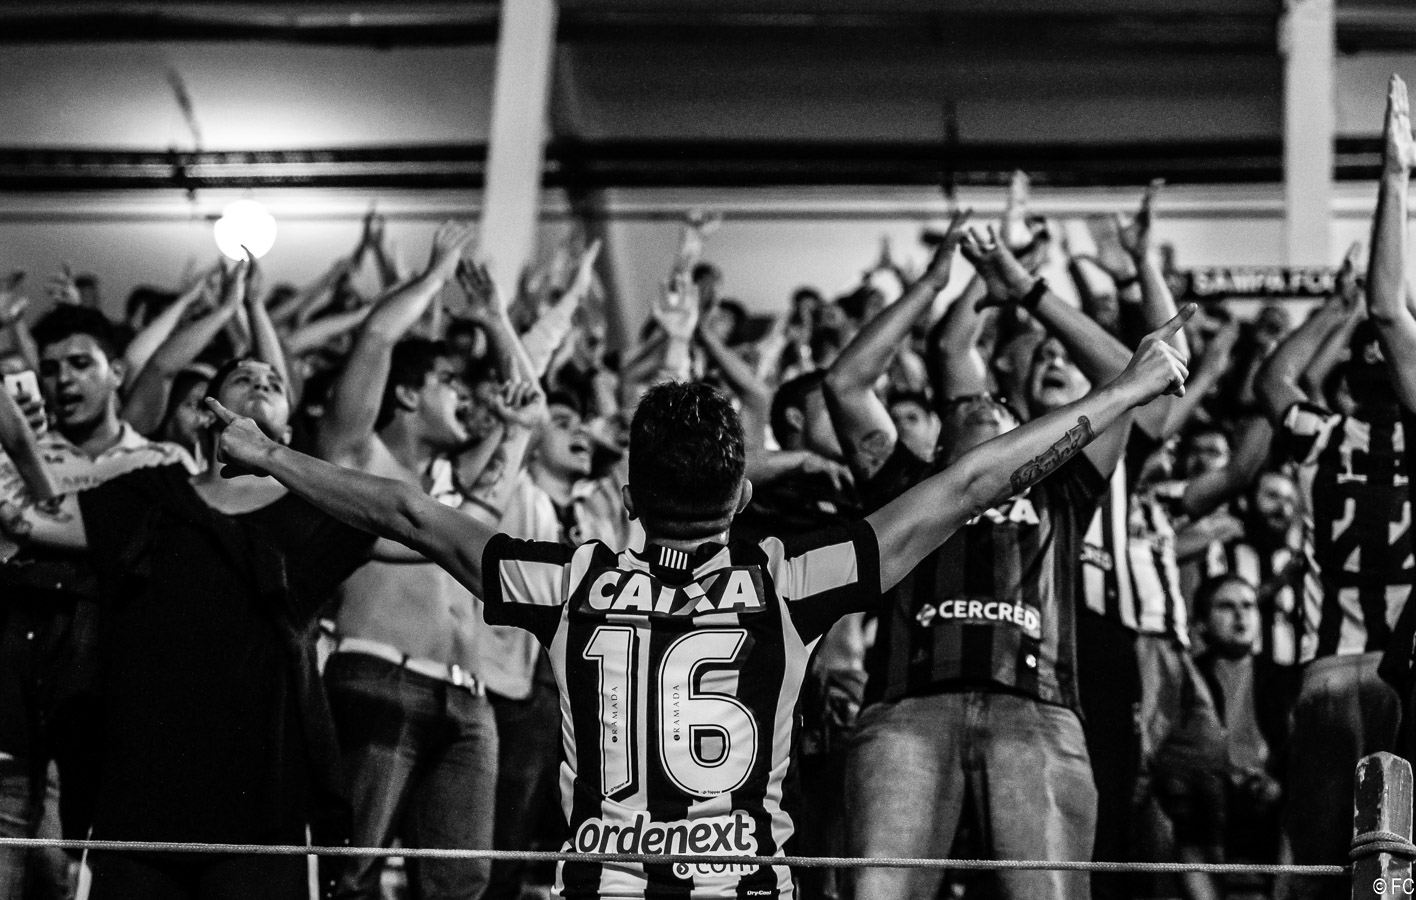 Fotos das torcidas em Santos x Botafogo